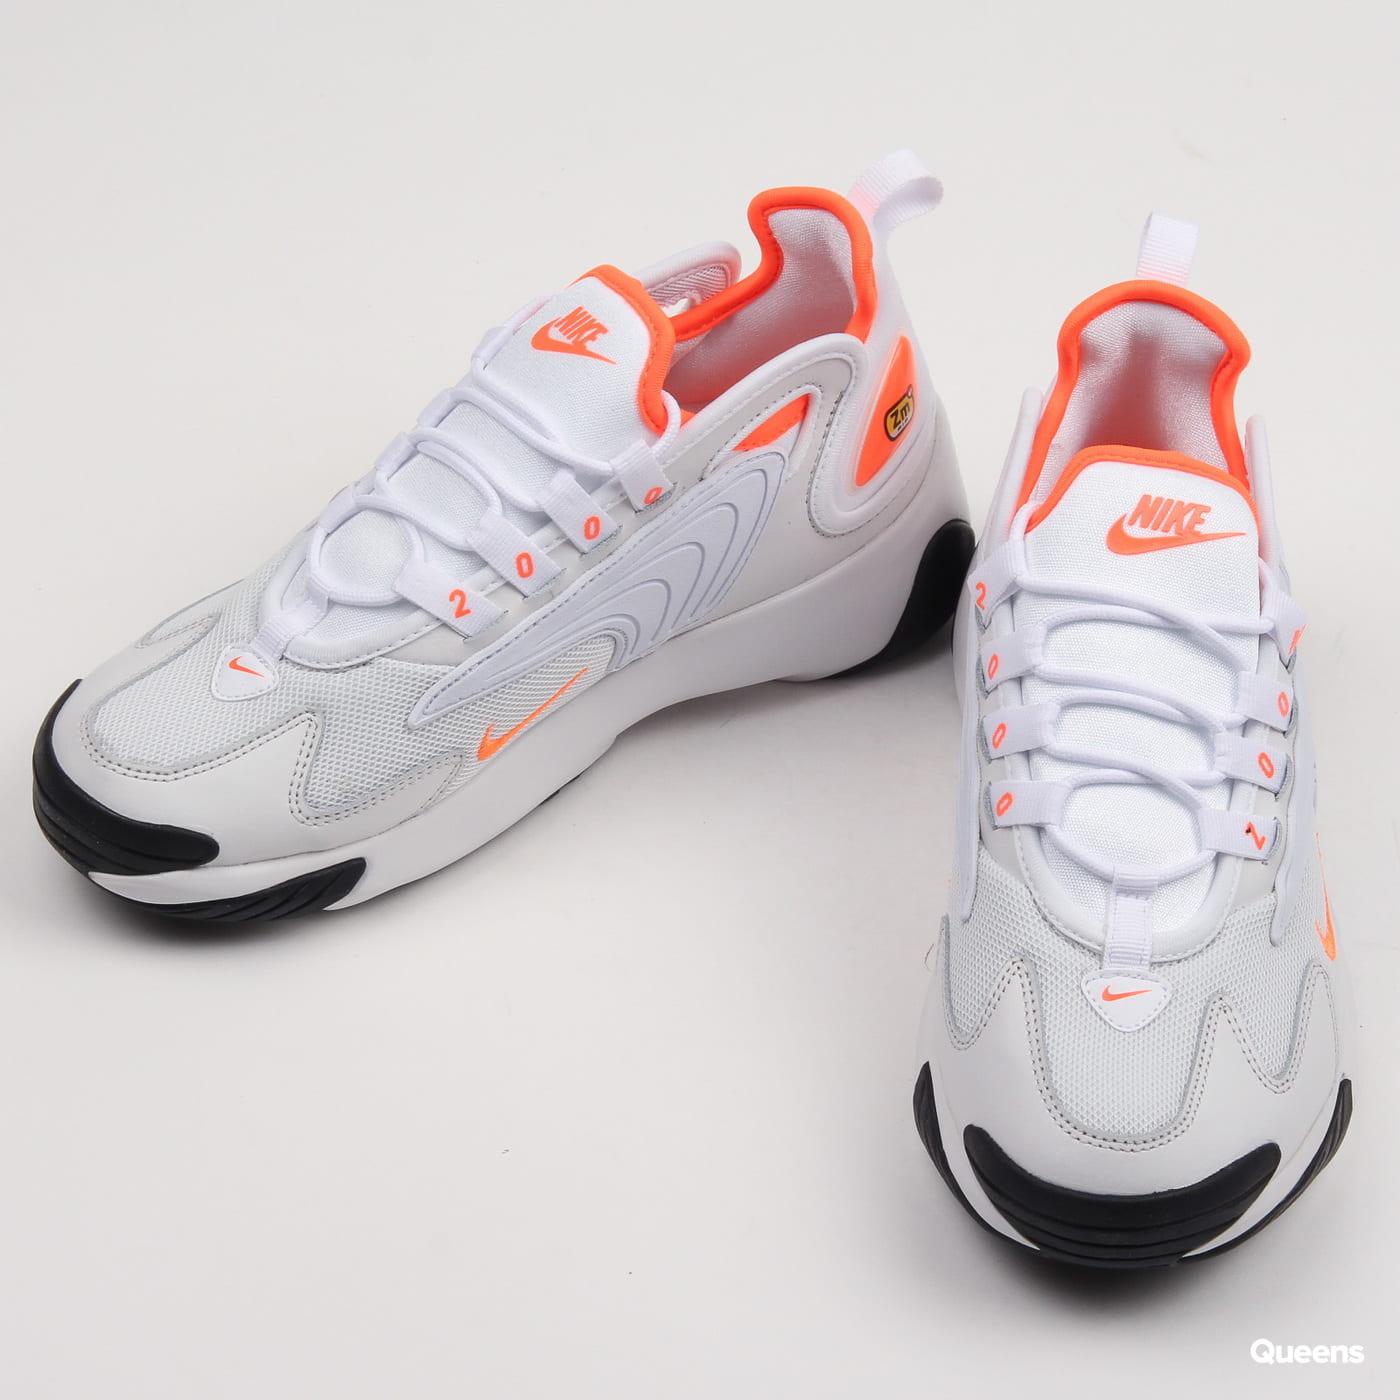 the best attitude e75cd 60361 Zoom in Zoom in Zoom in Zoom in Zoom in. Nike WMNS Zoom 2K platinum tint   hyper  crimson